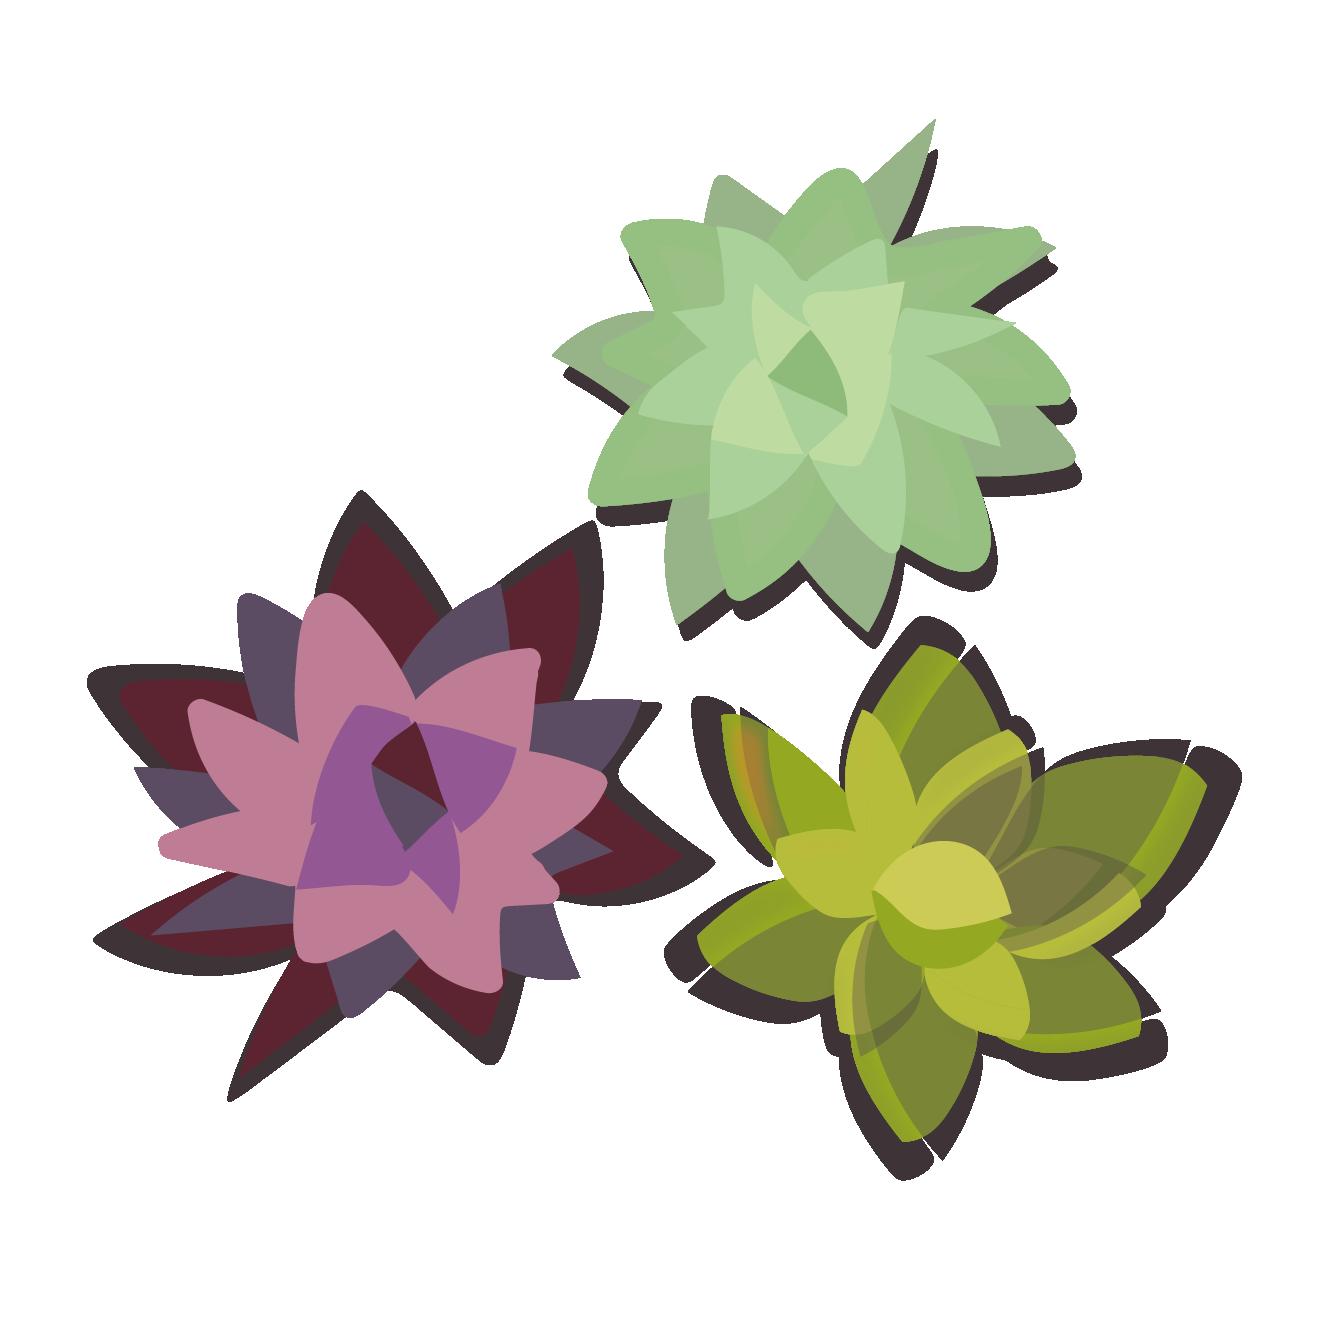 多肉植物のイラストおしゃれでかわいい植物 商用フリー無料の